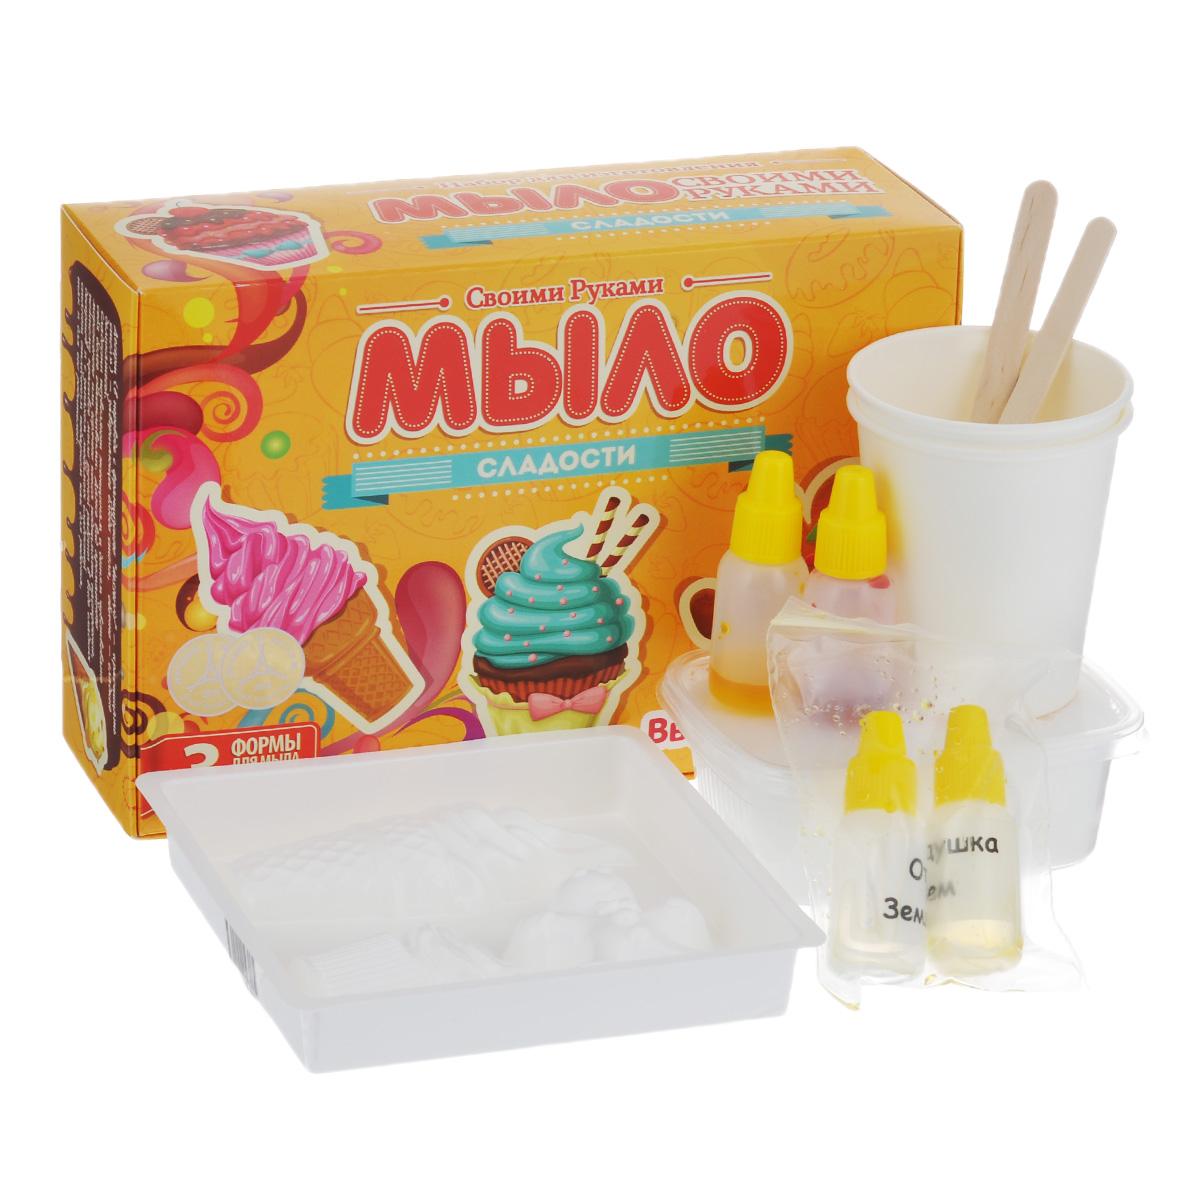 Набор для изготовления мыла Сладости. 27007700210732700770021073Набор Сладости поможет вам своими руками создать интересное мыло. Мыловарение - это занимательный и веселый процесс. В набор входит все необходимое для мыловарения: - мыльная основа (200 г); - краситель для мыла (2 шт); - отдушка для мыла (2 шт); - форма для мыла (форма в виде пряника, мороженного и пирожного); - стакан для расплавления мыльной основы (2 шт); - ложка для перемешивания мыльной основы (2 шт); - подробная инструкция на русском языке. Сделать оригинальное мыло совсем несложно. Это творческое и увлекательное занятие обязательно порадует вашего малыша. Мыло, изготовленное своими руками, наполнит ванную комнату чудесным запахом сладких десертов. Производитель оставляет за собой право изменять цвет и фактуру материалов, входящих в состав набора. Средний размер формы: 5 см х 6 см х 1,5 см.